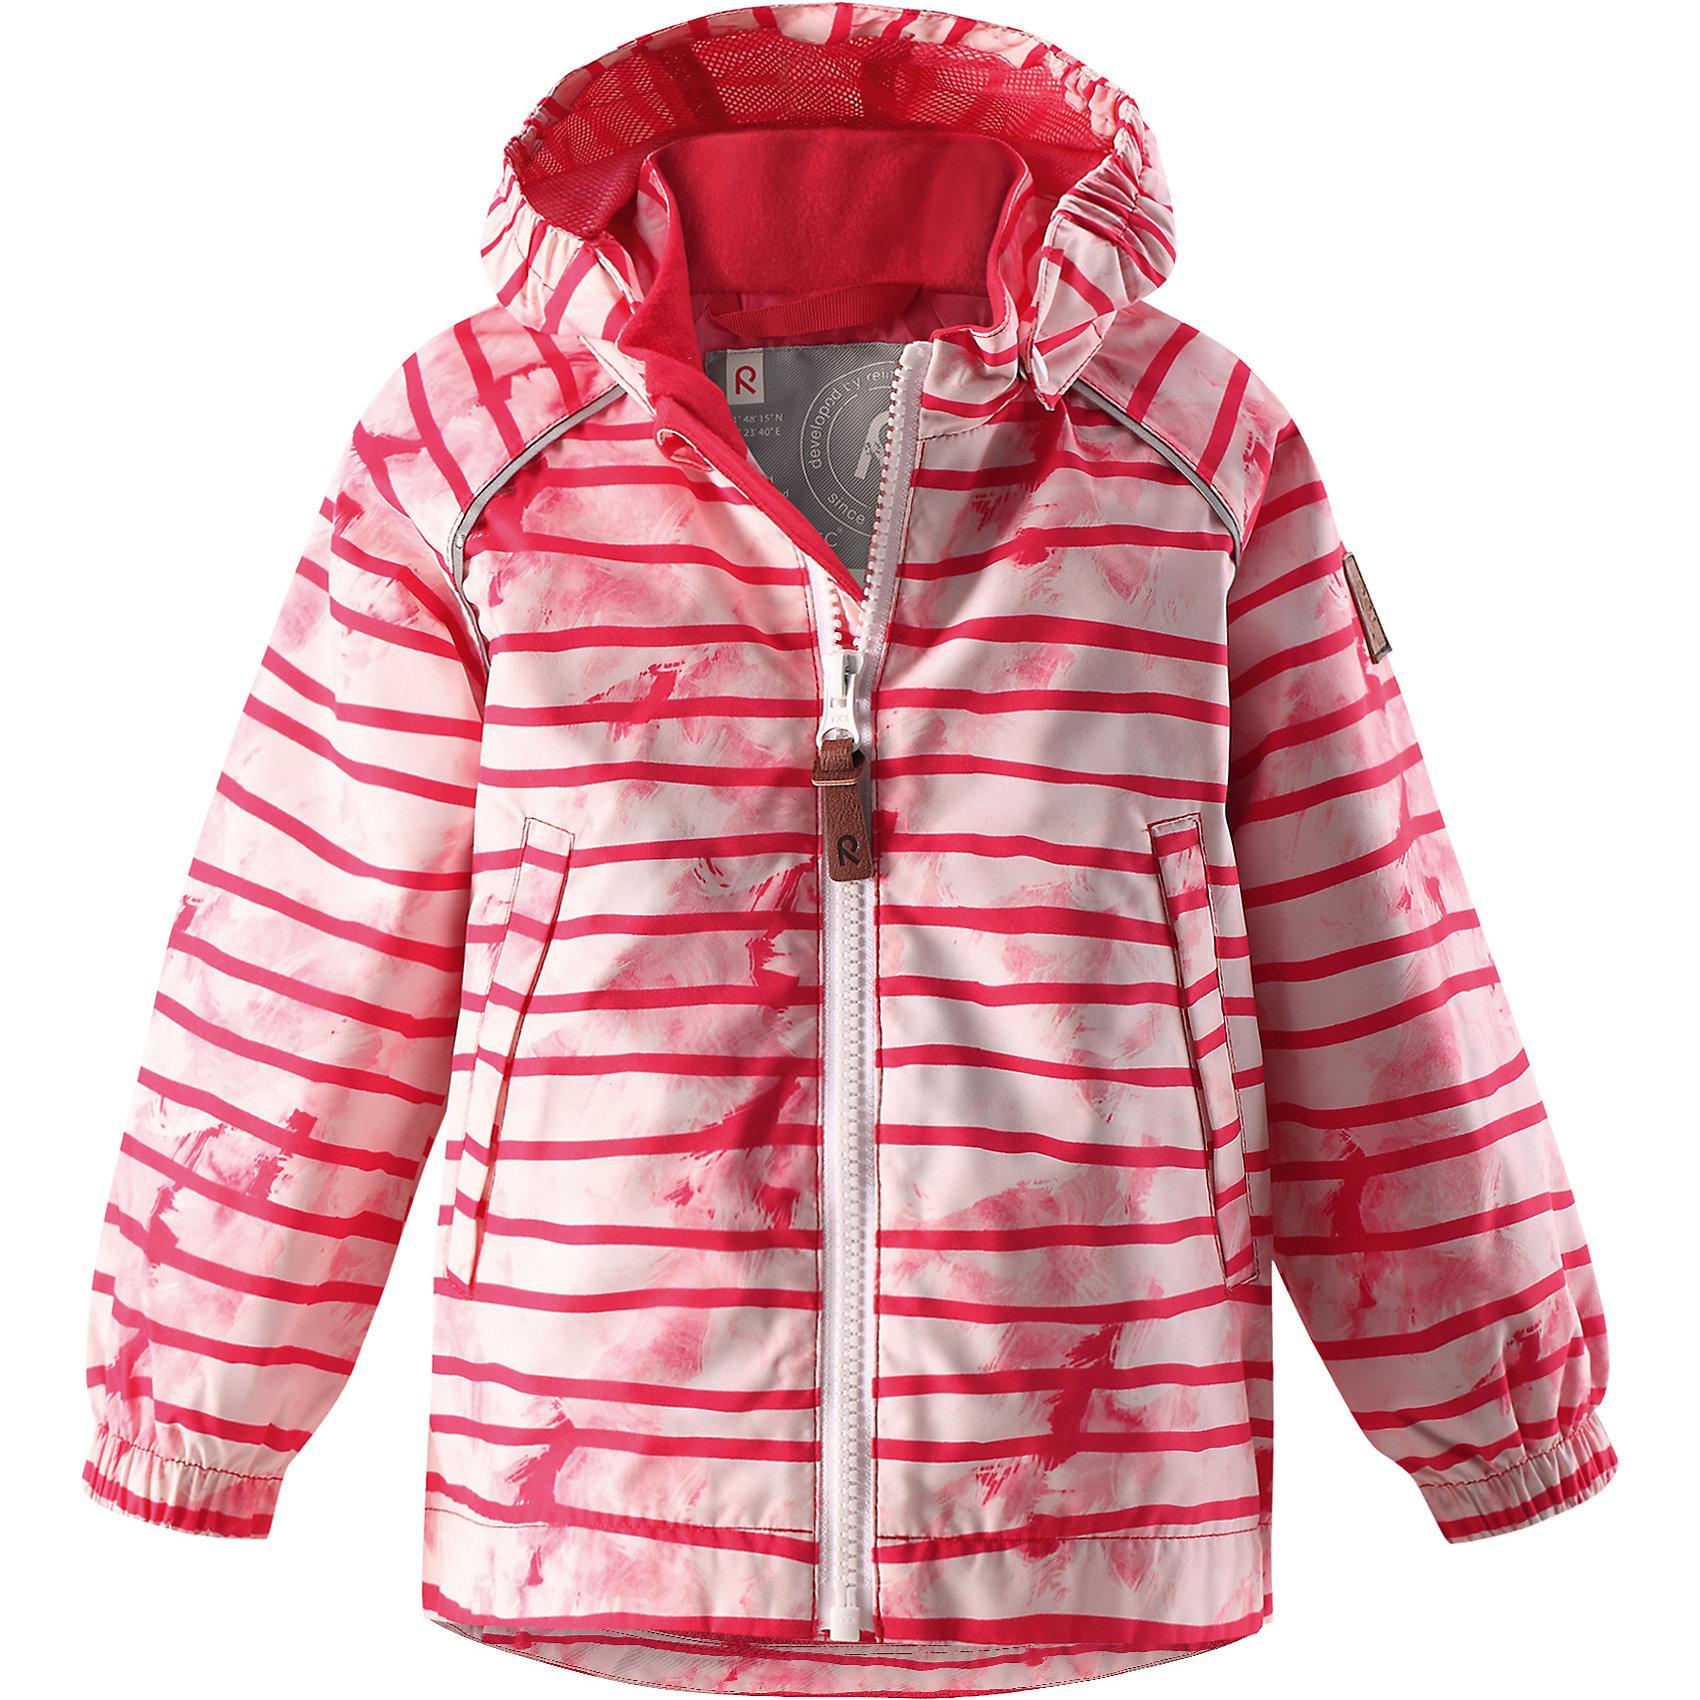 Куртка Hihitys для девочки Reimatec® ReimaВерхняя одежда<br>Характеристики товара:<br><br>• цвет: розовый<br>• состав: 100% полиэстер, полиуретановое покрытие<br>• температурный режим: от +5°до +15°С<br>• водонепроницаемость: 5000 мм<br>• воздухопроницаемость: 3000 мм<br>• износостойкость: 15000 циклов (тест Мартиндейла)<br>• без утеплителя<br>• швы проклеены, водонепроницаемы<br>• водо- и ветронепроницаемый, дышащий, грязеотталкивающий материал<br>• гладкая подкладка из полиэстера по всему изделию, mesh-сетка на капюшоне<br>• безопасный съёмный капюшон<br>• эластичные манжеты<br>• карман на молнии<br>• два боковых кармана<br>• светоотражающие детали<br>• комфортная посадка<br>• страна производства: Китай<br>• страна бренда: Финляндия<br>• коллекция: весна-лето 2017<br><br>Верхняя одежда для детей может быть модной и комфортной одновременно! Демисезонная куртка поможет обеспечить ребенку комфорт и тепло. Она отлично смотрится с различной одеждой и обувью. Изделие удобно сидит и модно выглядит. Материал - прочный, хорошо подходящий для межсезонья, водо- и ветронепроницаемый, «дышащий». Стильный дизайн разрабатывался специально для детей.<br><br>Одежда и обувь от финского бренда Reima пользуется популярностью во многих странах. Эти изделия стильные, качественные и удобные. Для производства продукции используются только безопасные, проверенные материалы и фурнитура. Порадуйте ребенка модными и красивыми вещами от Reima! <br><br>Куртку для мальчика Reimatec® от финского бренда Reima (Рейма) можно купить в нашем интернет-магазине.<br><br>Ширина мм: 356<br>Глубина мм: 10<br>Высота мм: 245<br>Вес г: 519<br>Цвет: розовый<br>Возраст от месяцев: 24<br>Возраст до месяцев: 36<br>Пол: Женский<br>Возраст: Детский<br>Размер: 98,74,80,86,92<br>SKU: 5265592